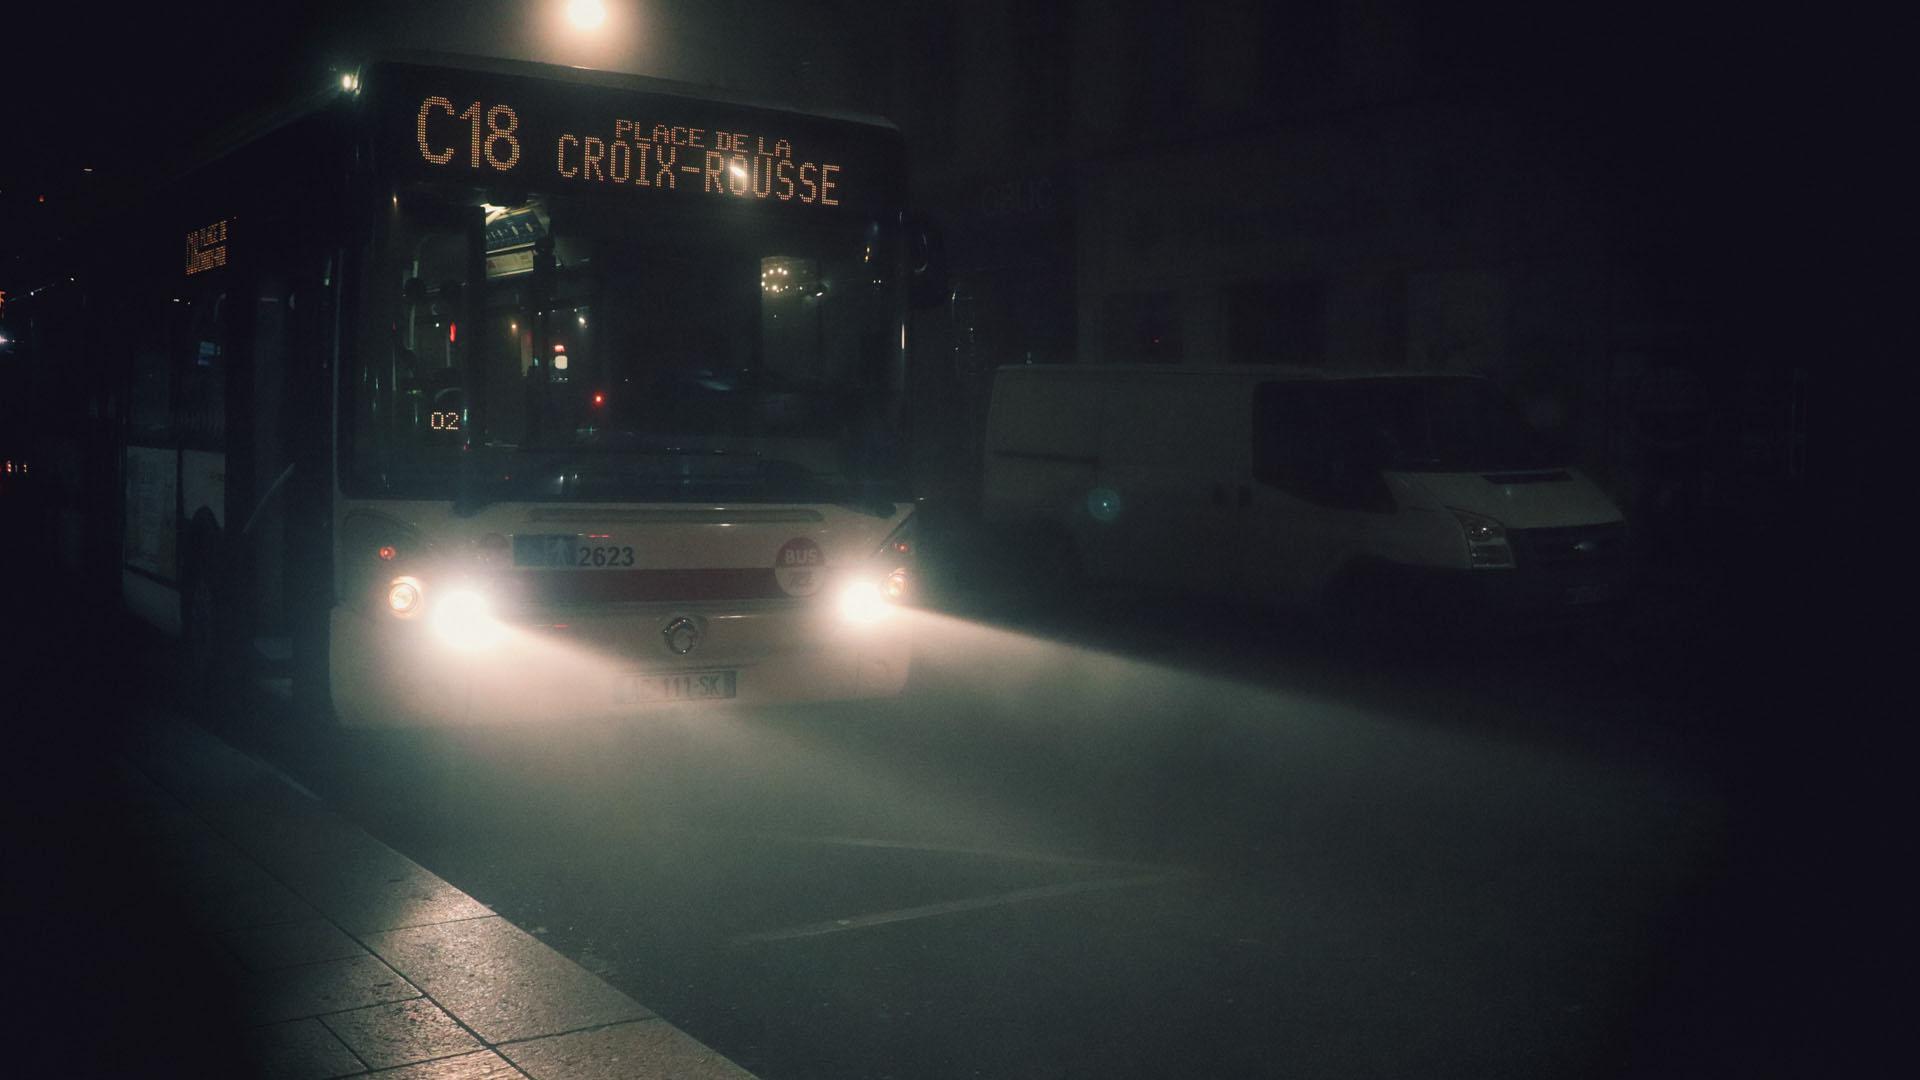 Bus de Croix-Rousse, Lyon